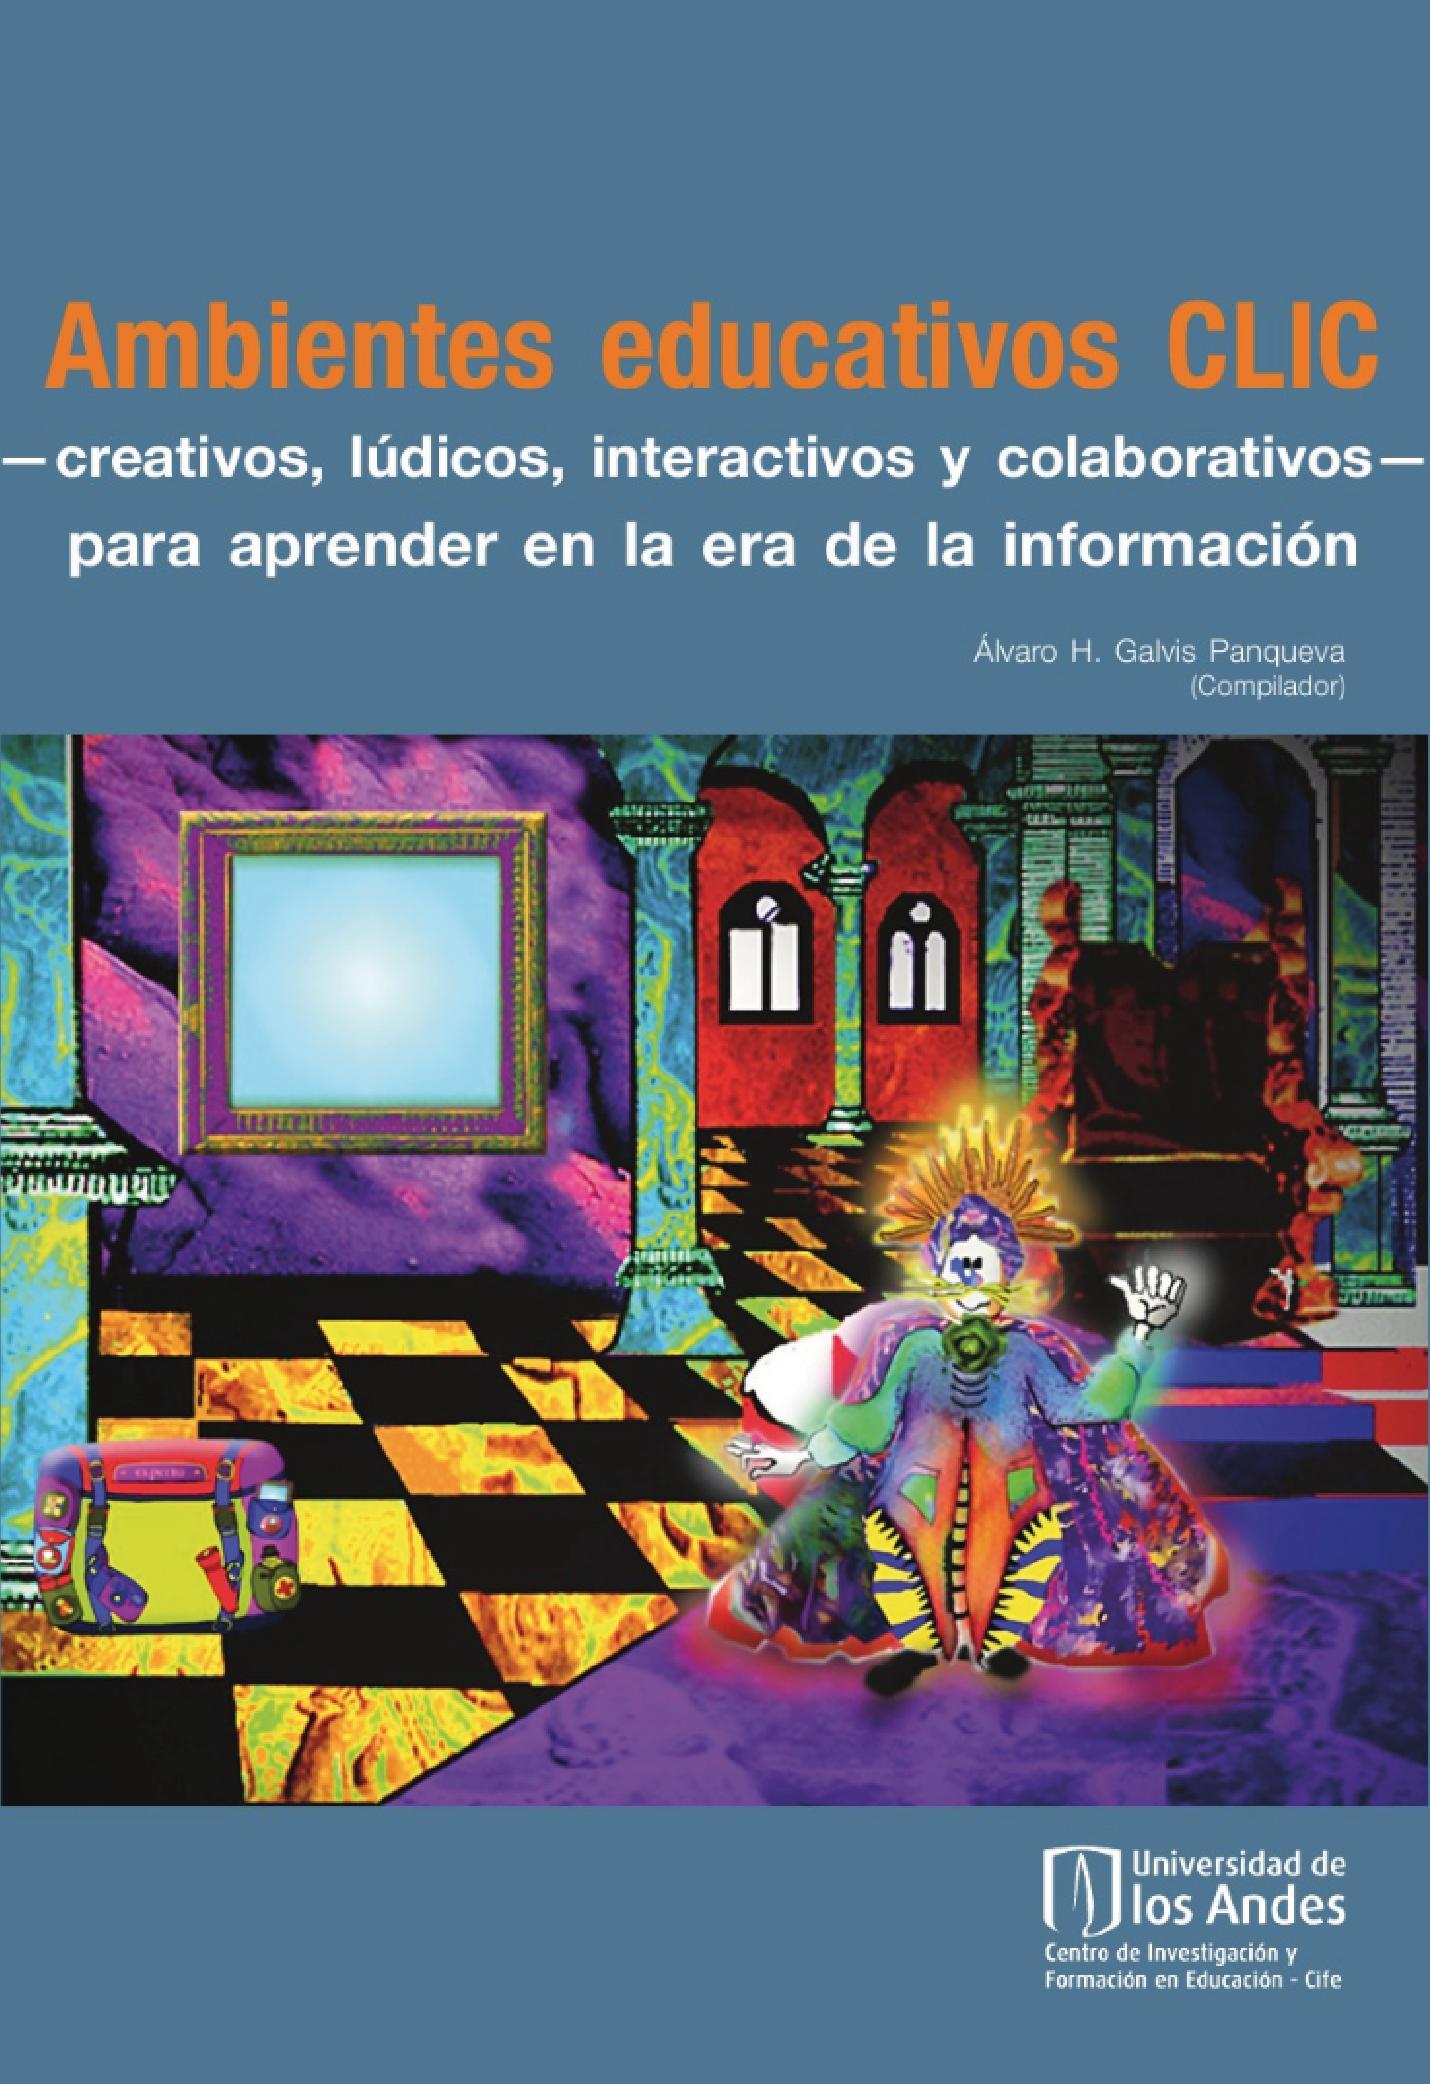 Ambientes educativos Clic –creativos, lúdicos, interactivos y colaborativos– para aprender en la era de la información